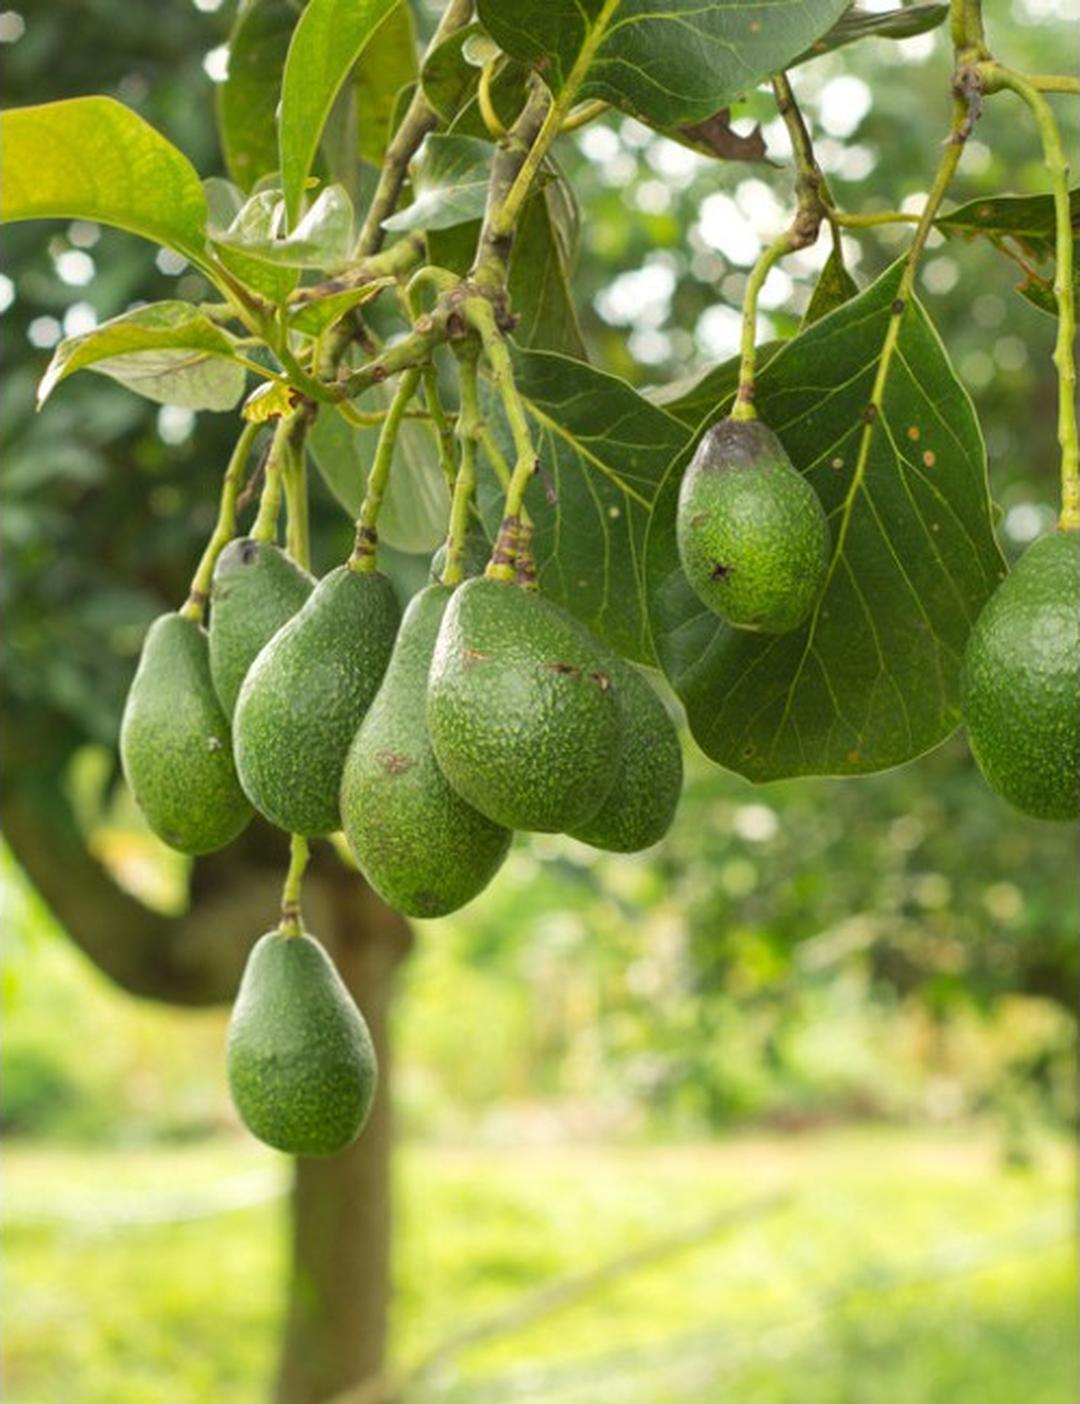 Buruan Borong! Bibit tanaman buah alpukat non biji unggul Kota Bandung #bibit buah genjah termurah